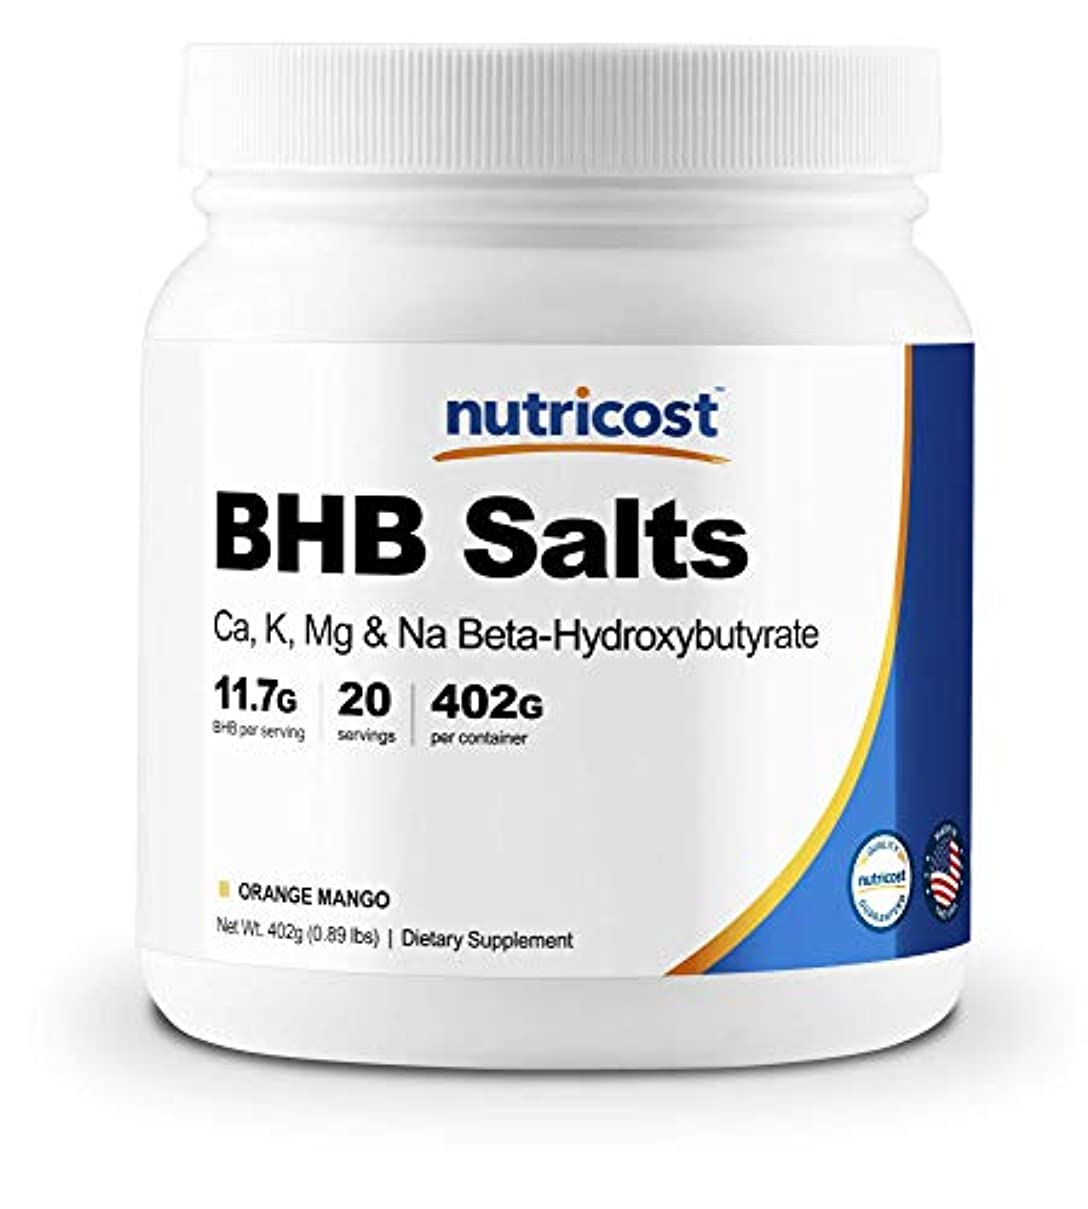 遠近法疼痛妻Nutricost BHB パウダー(外因性ケトン塩)、オレンジマンゴー味、非GMO、グルテンフリー